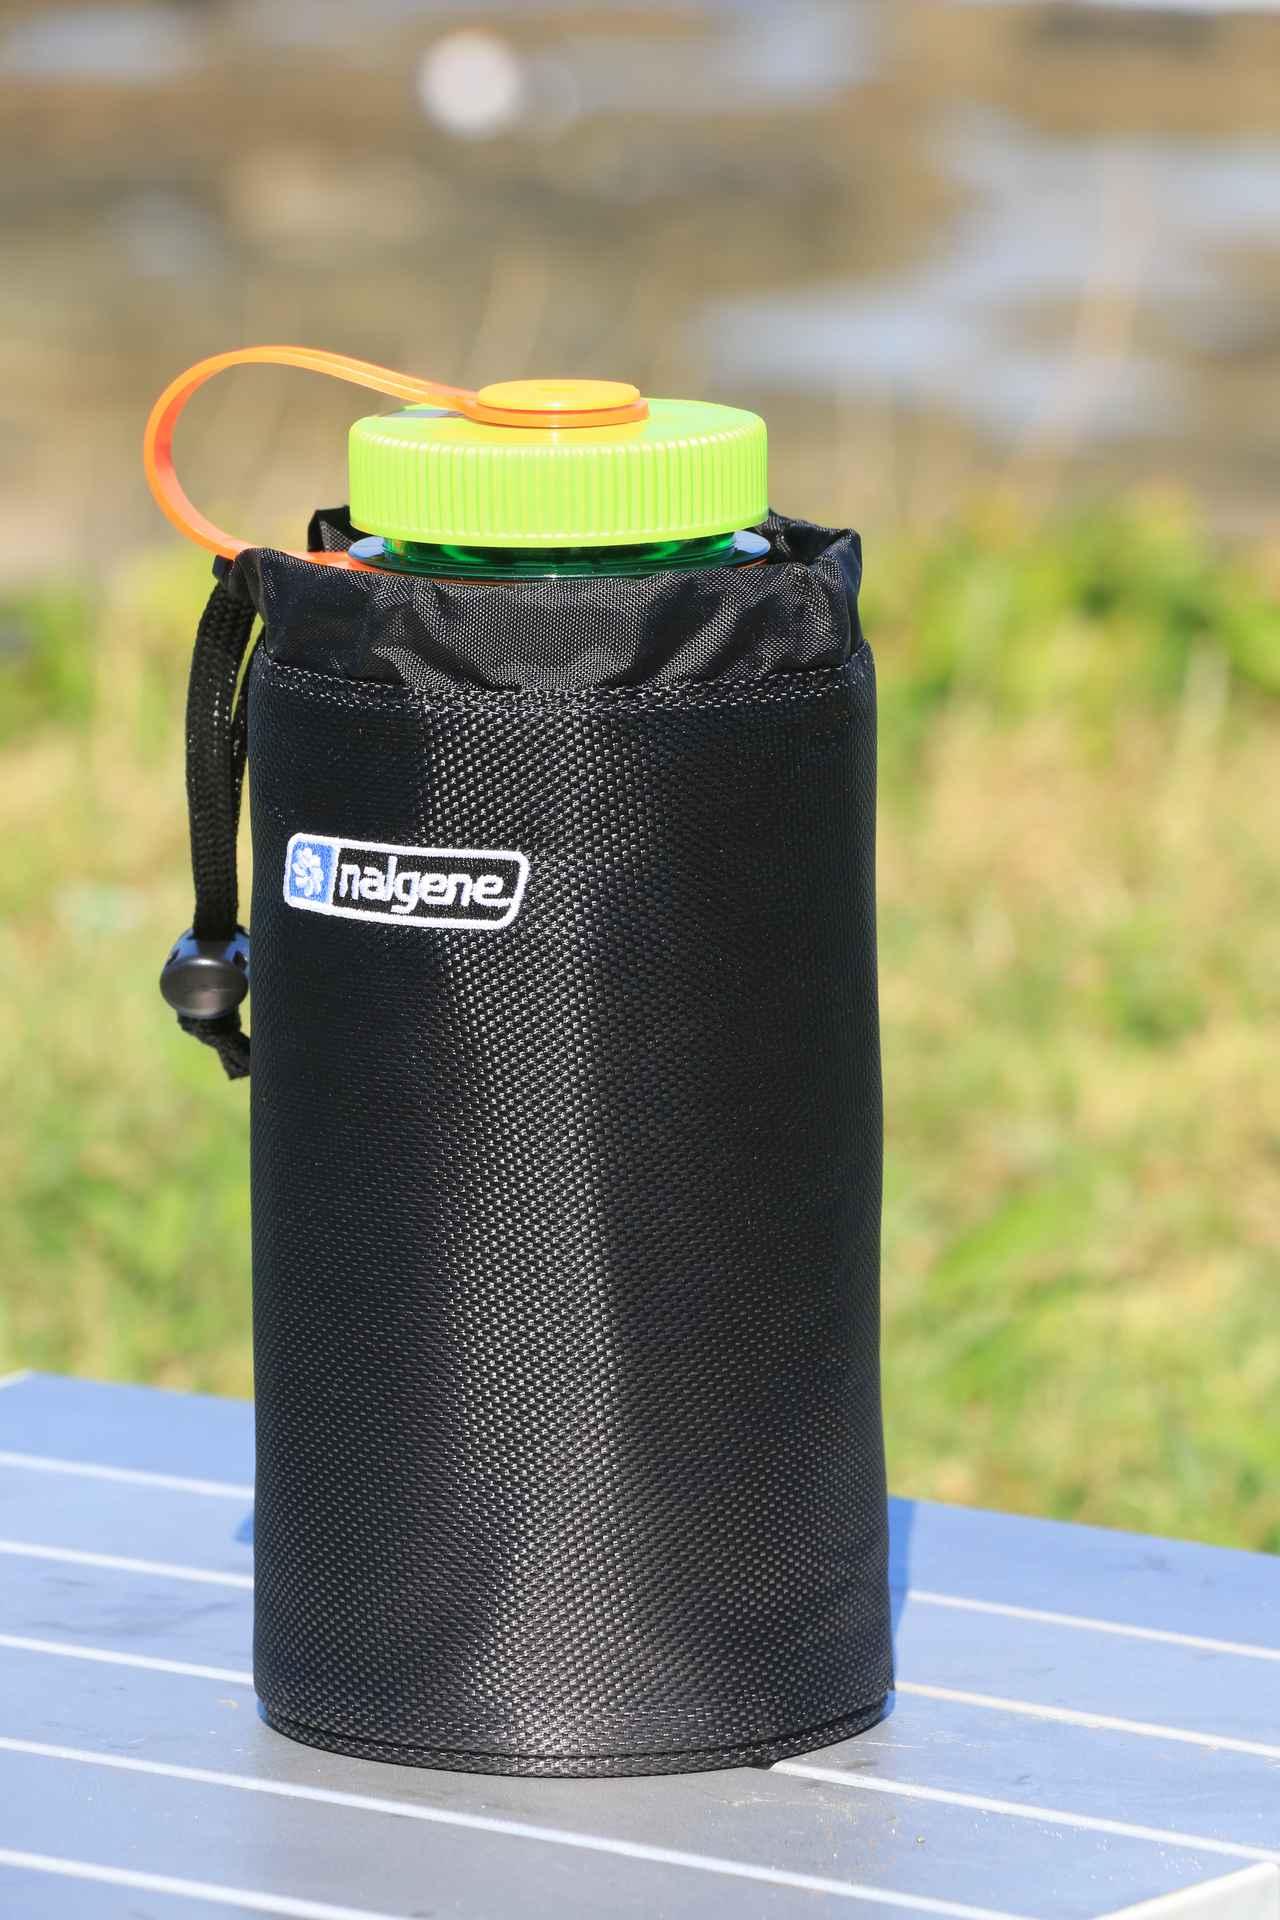 画像2: 「ナルゲンボトル」って知ってる? キャンプツーリングを楽しくする、タフで便利なプラスチックボトル【編集部員の夏休み④】